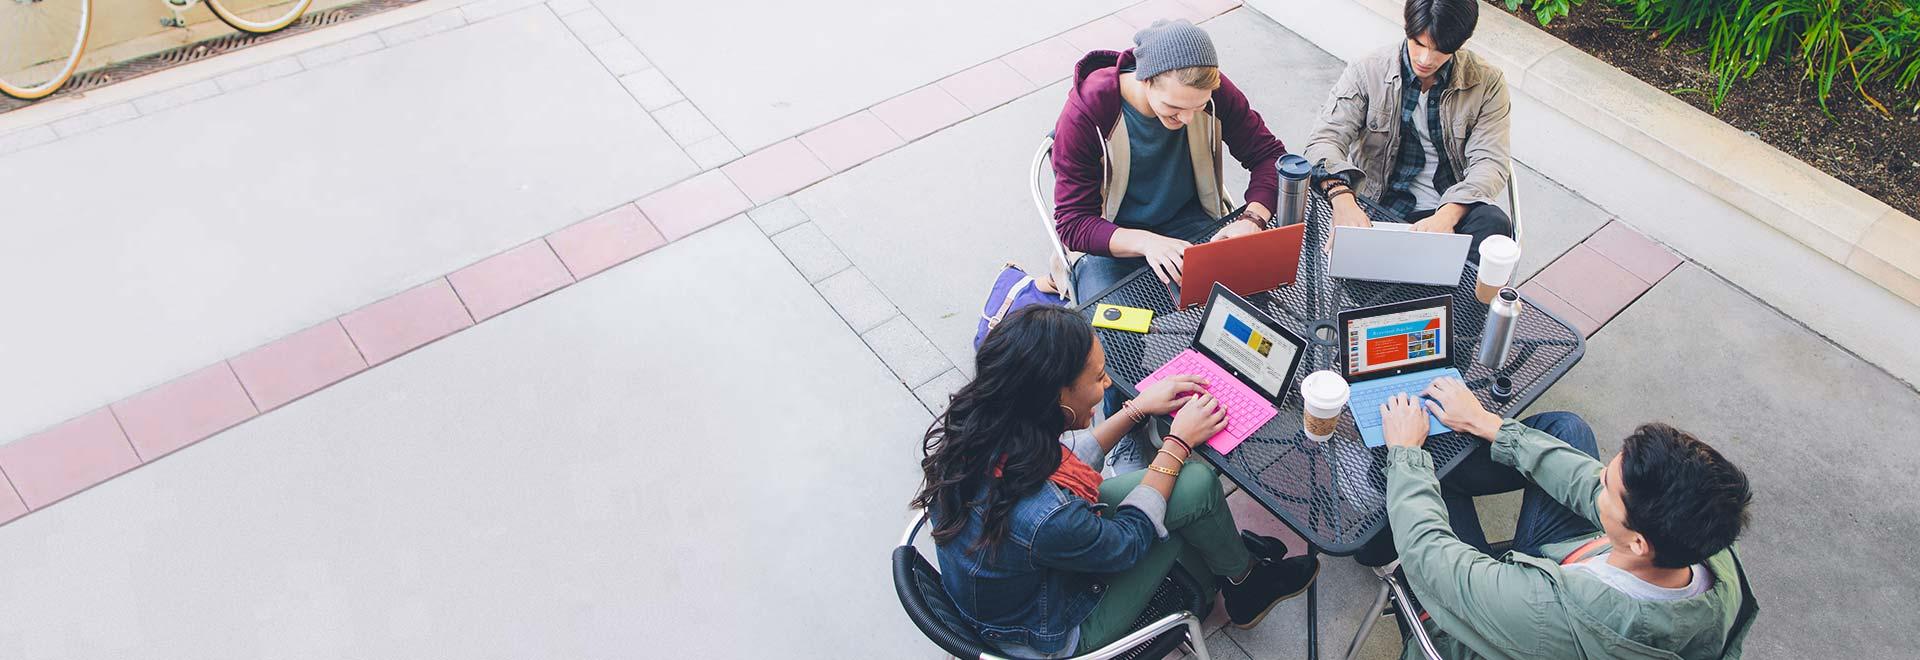 Empat orang siswa duduk mengelilingi meja di luar, menggunakan Office 365 Pendidikan di tablet.